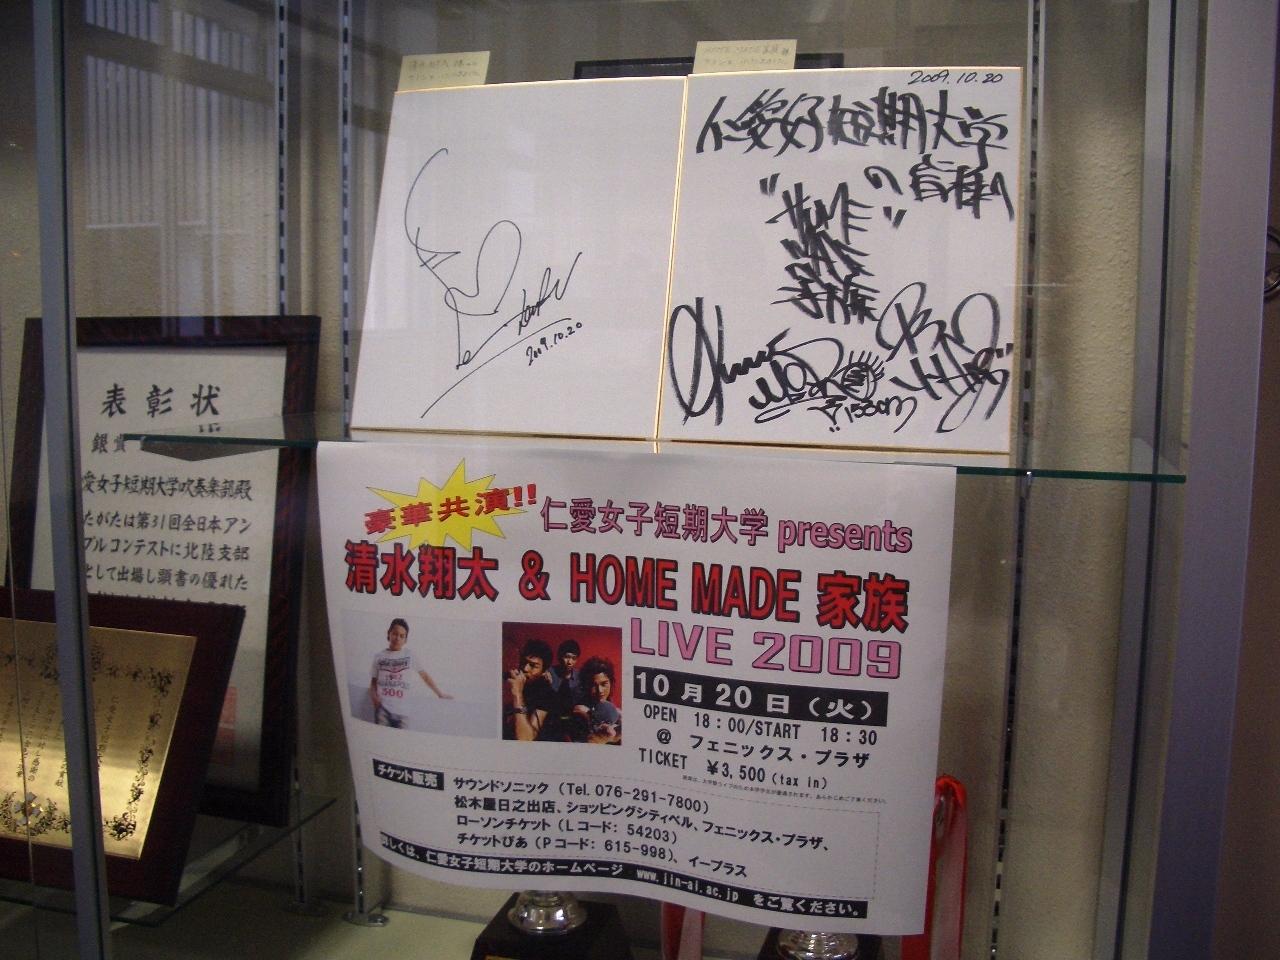 清水翔太とHOME MADE 家族のサイン色紙の写真その2)